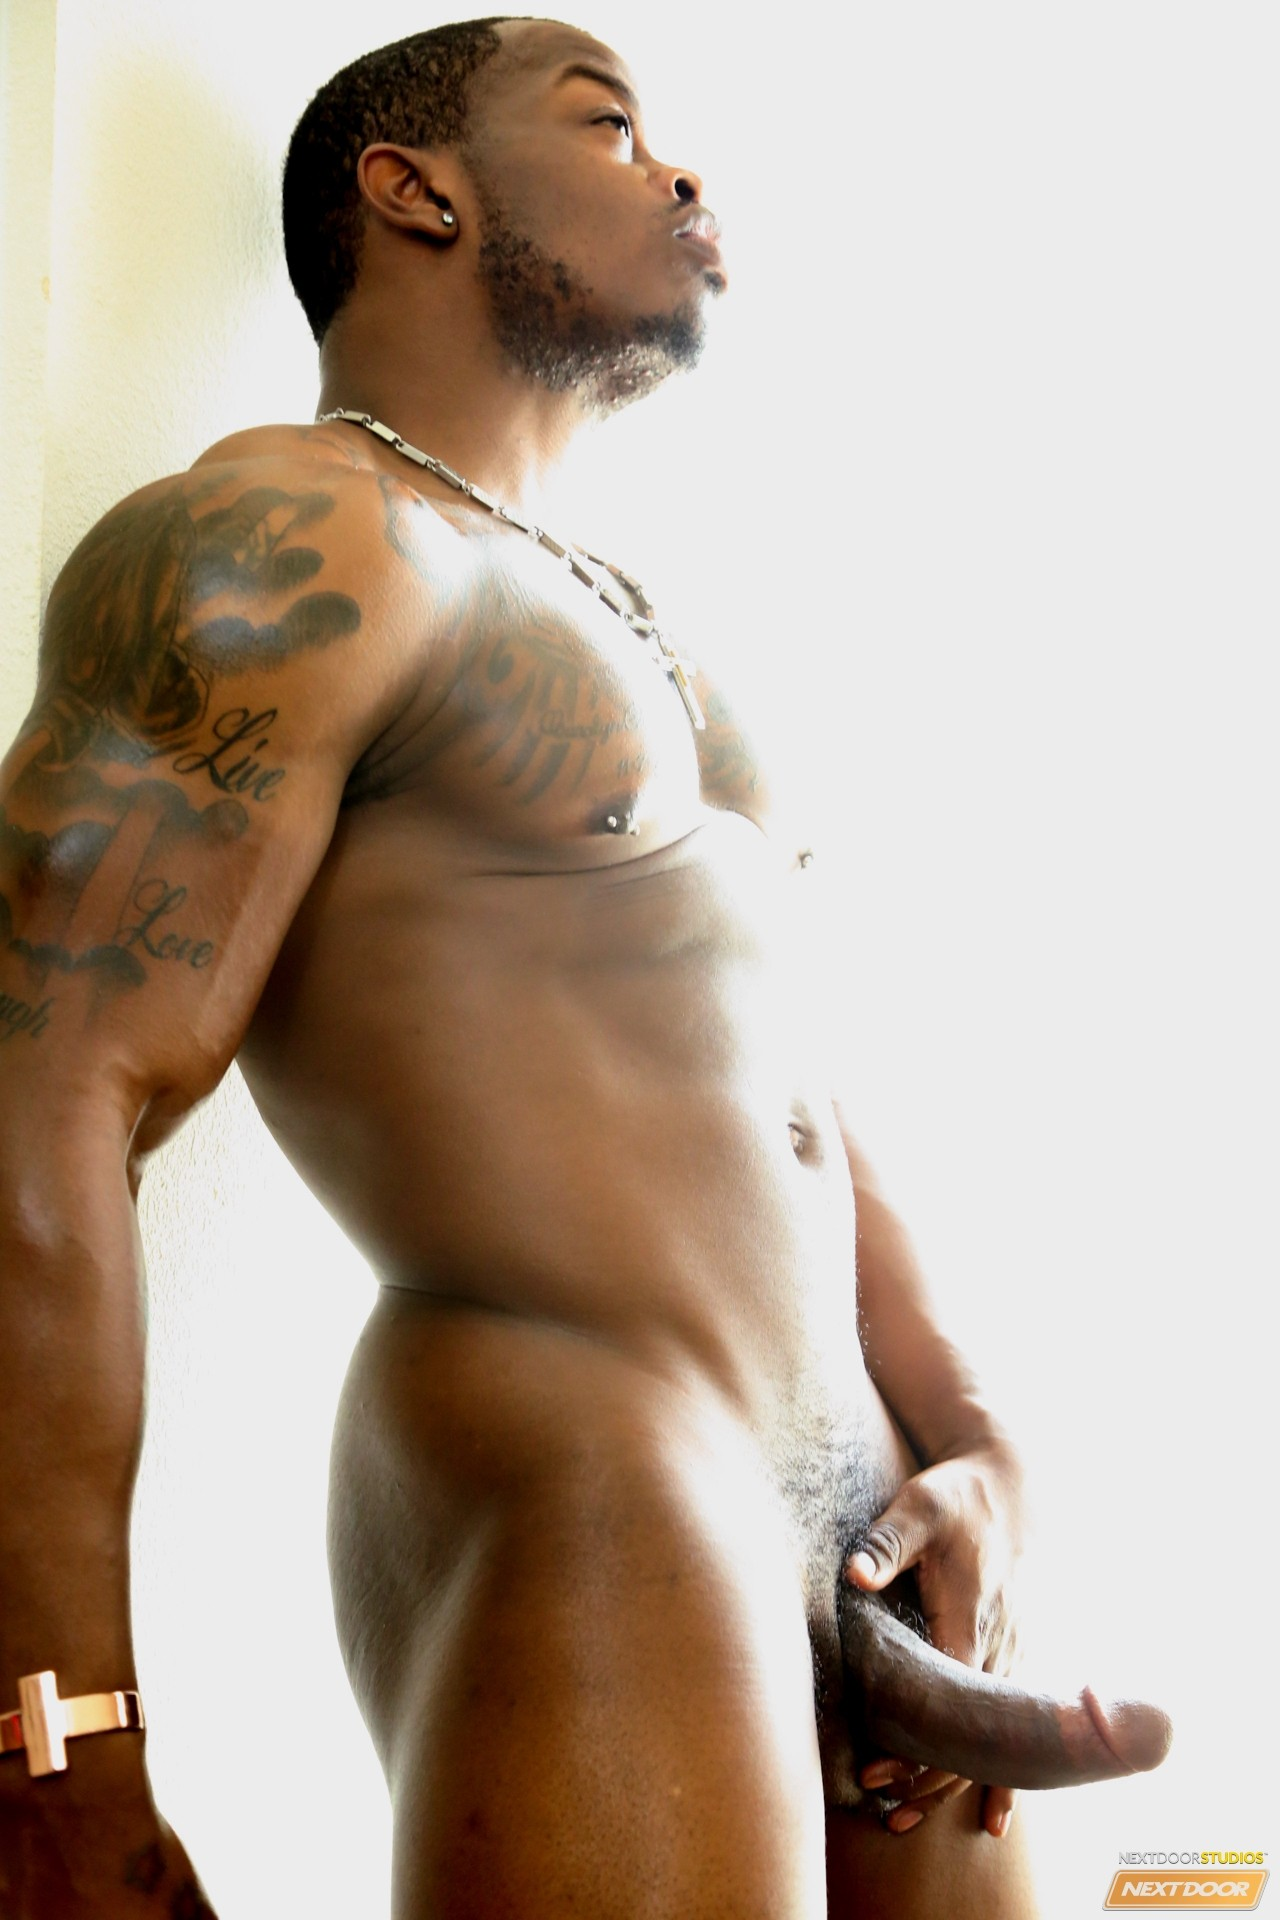 Ebony next door com